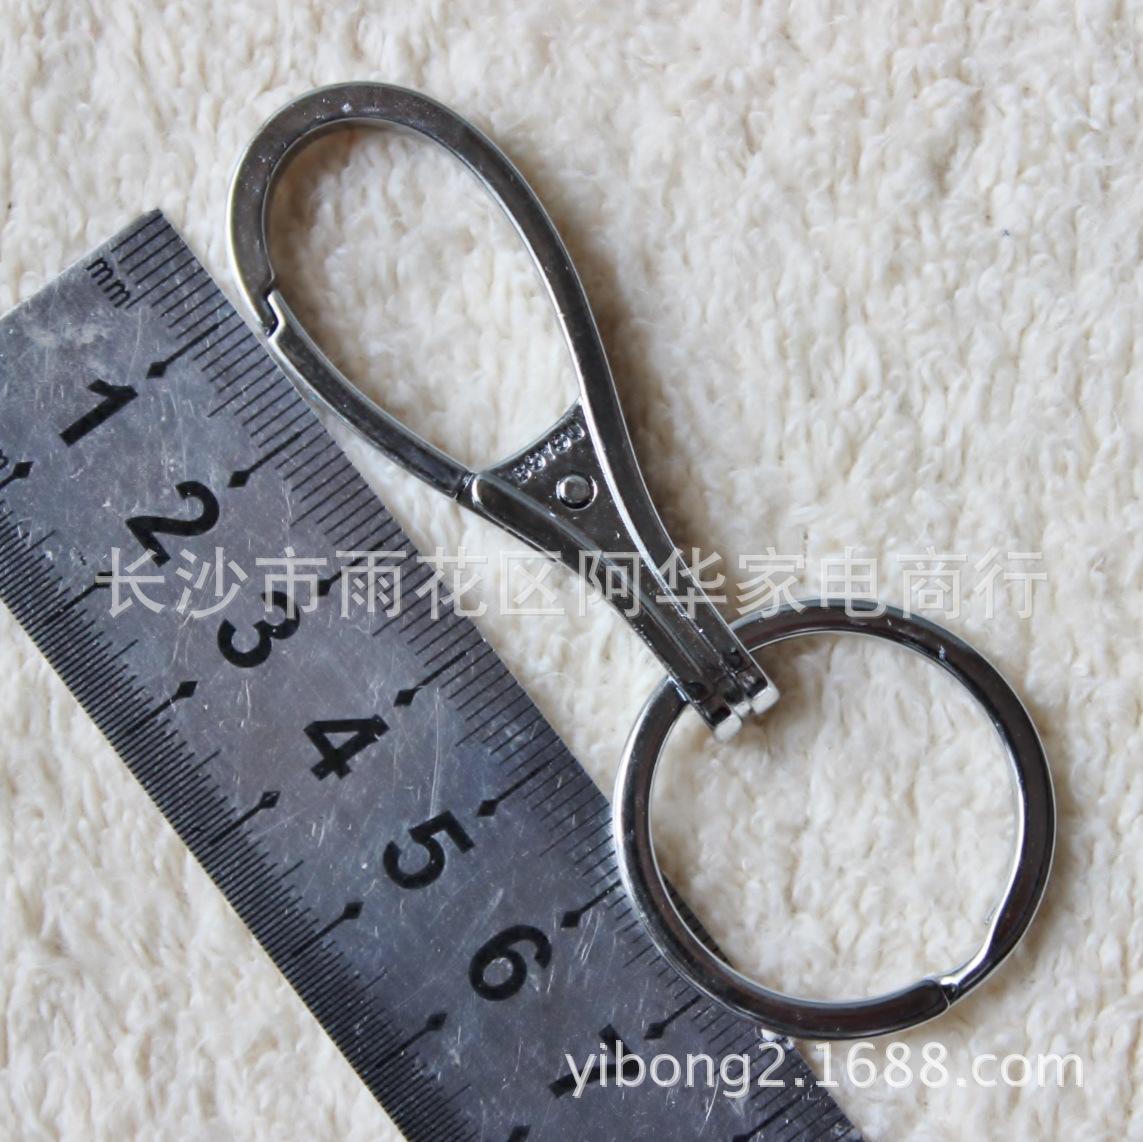 单环钥匙扣 腰挂钥匙扣 男士腰挂式 钥匙扣 博友A71 不锈钢钥匙圈